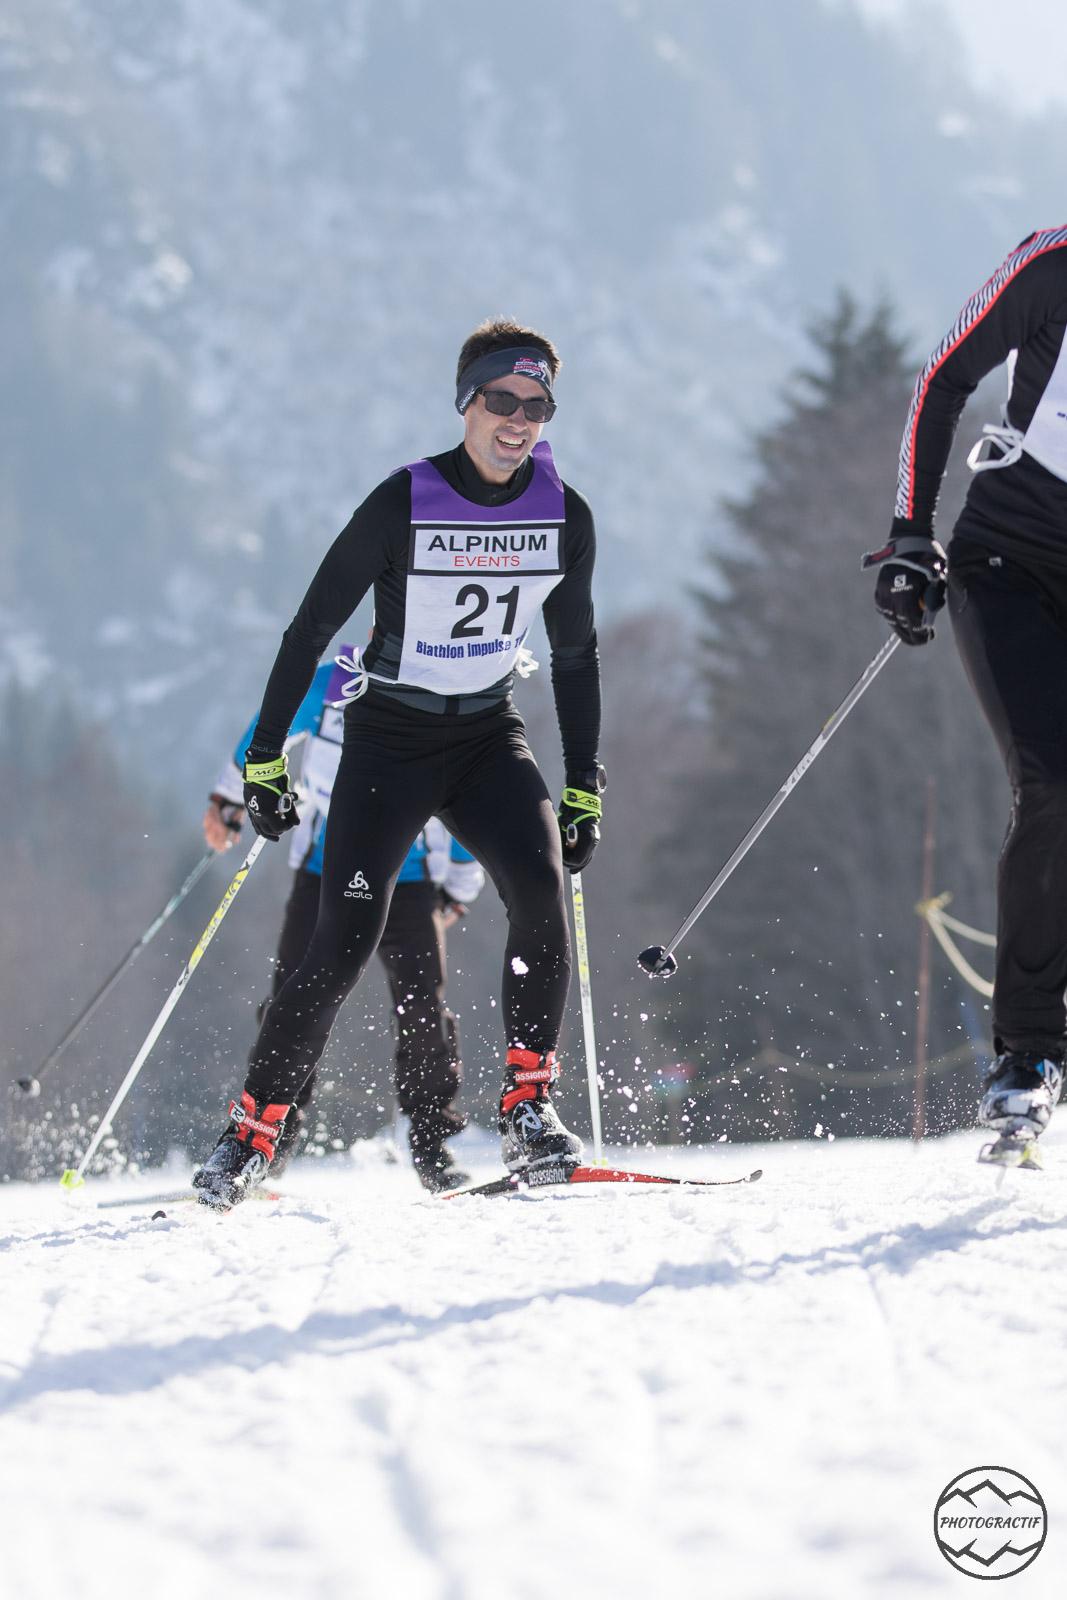 Biathlon Alpinum Les Contamines 2019 (90)